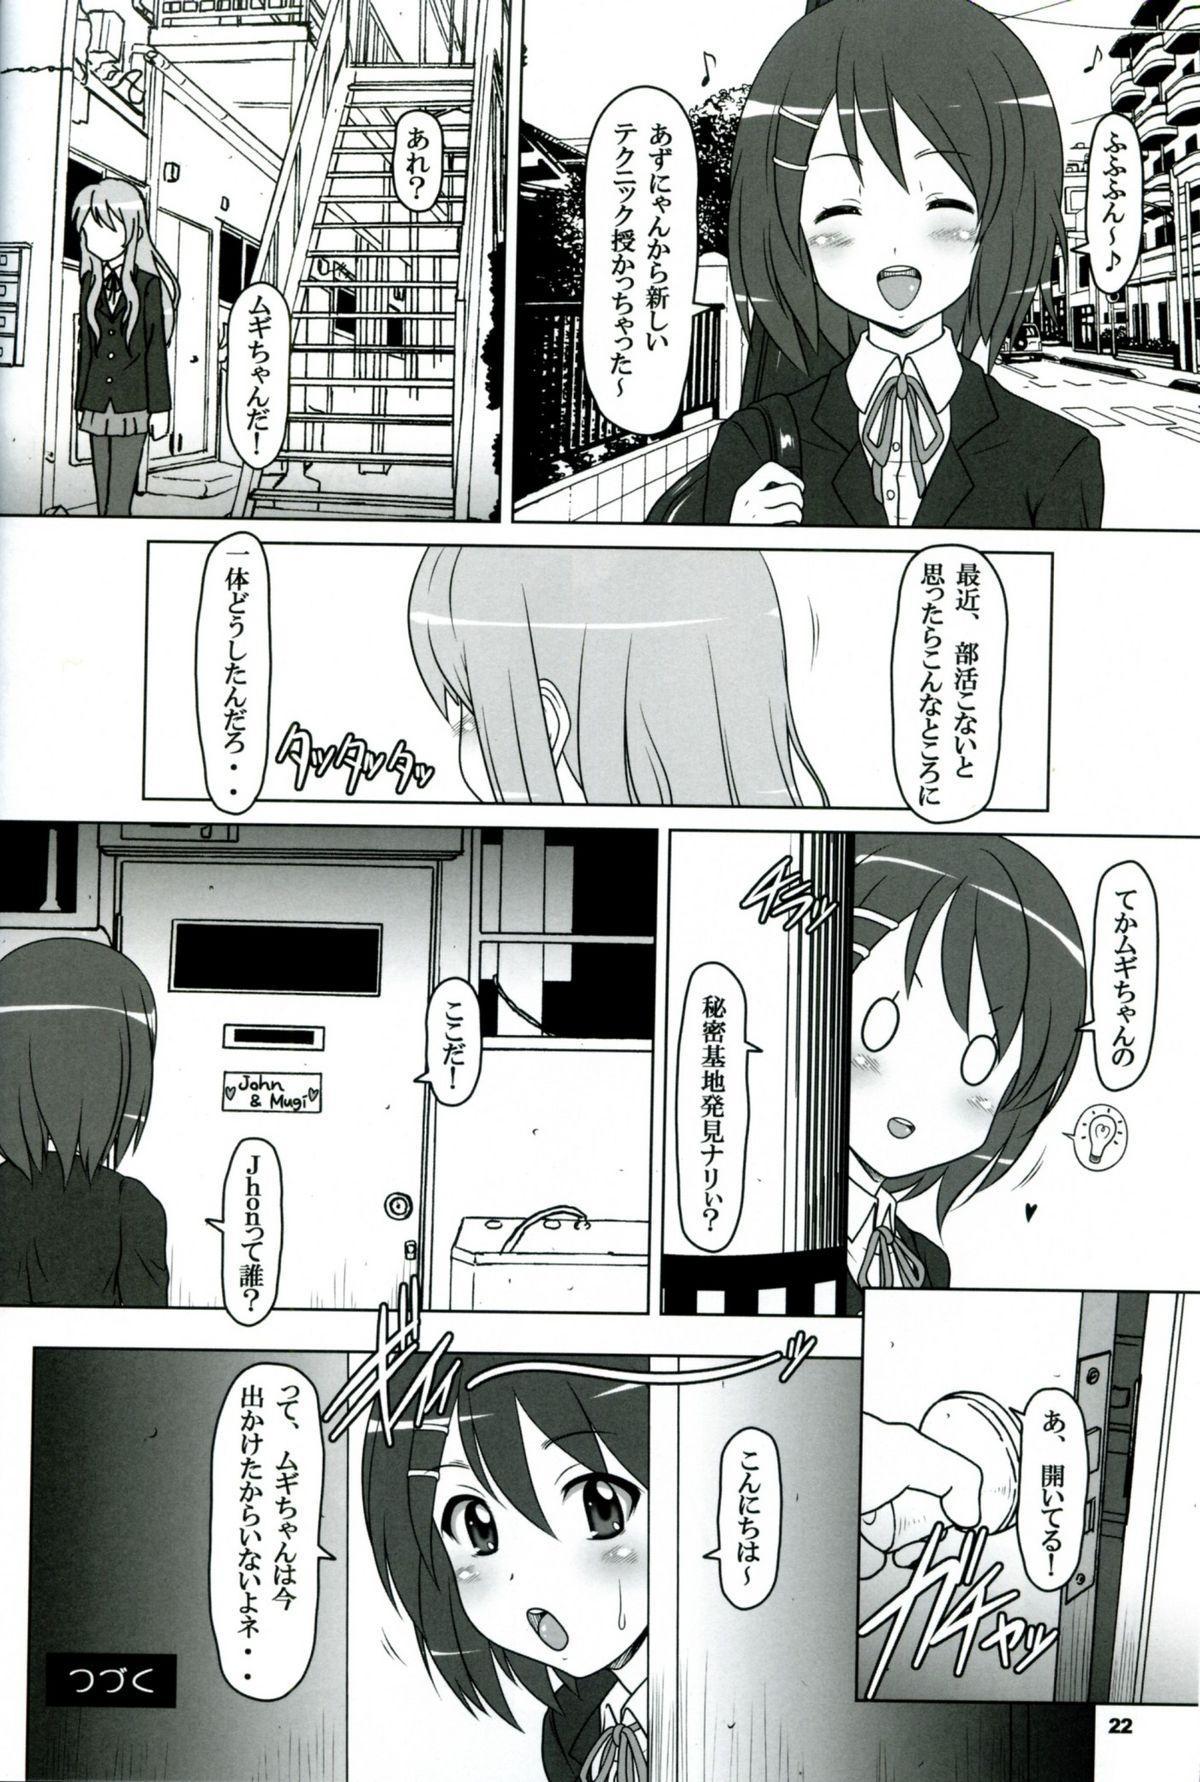 Kuroiro Jikan - Black Time 20